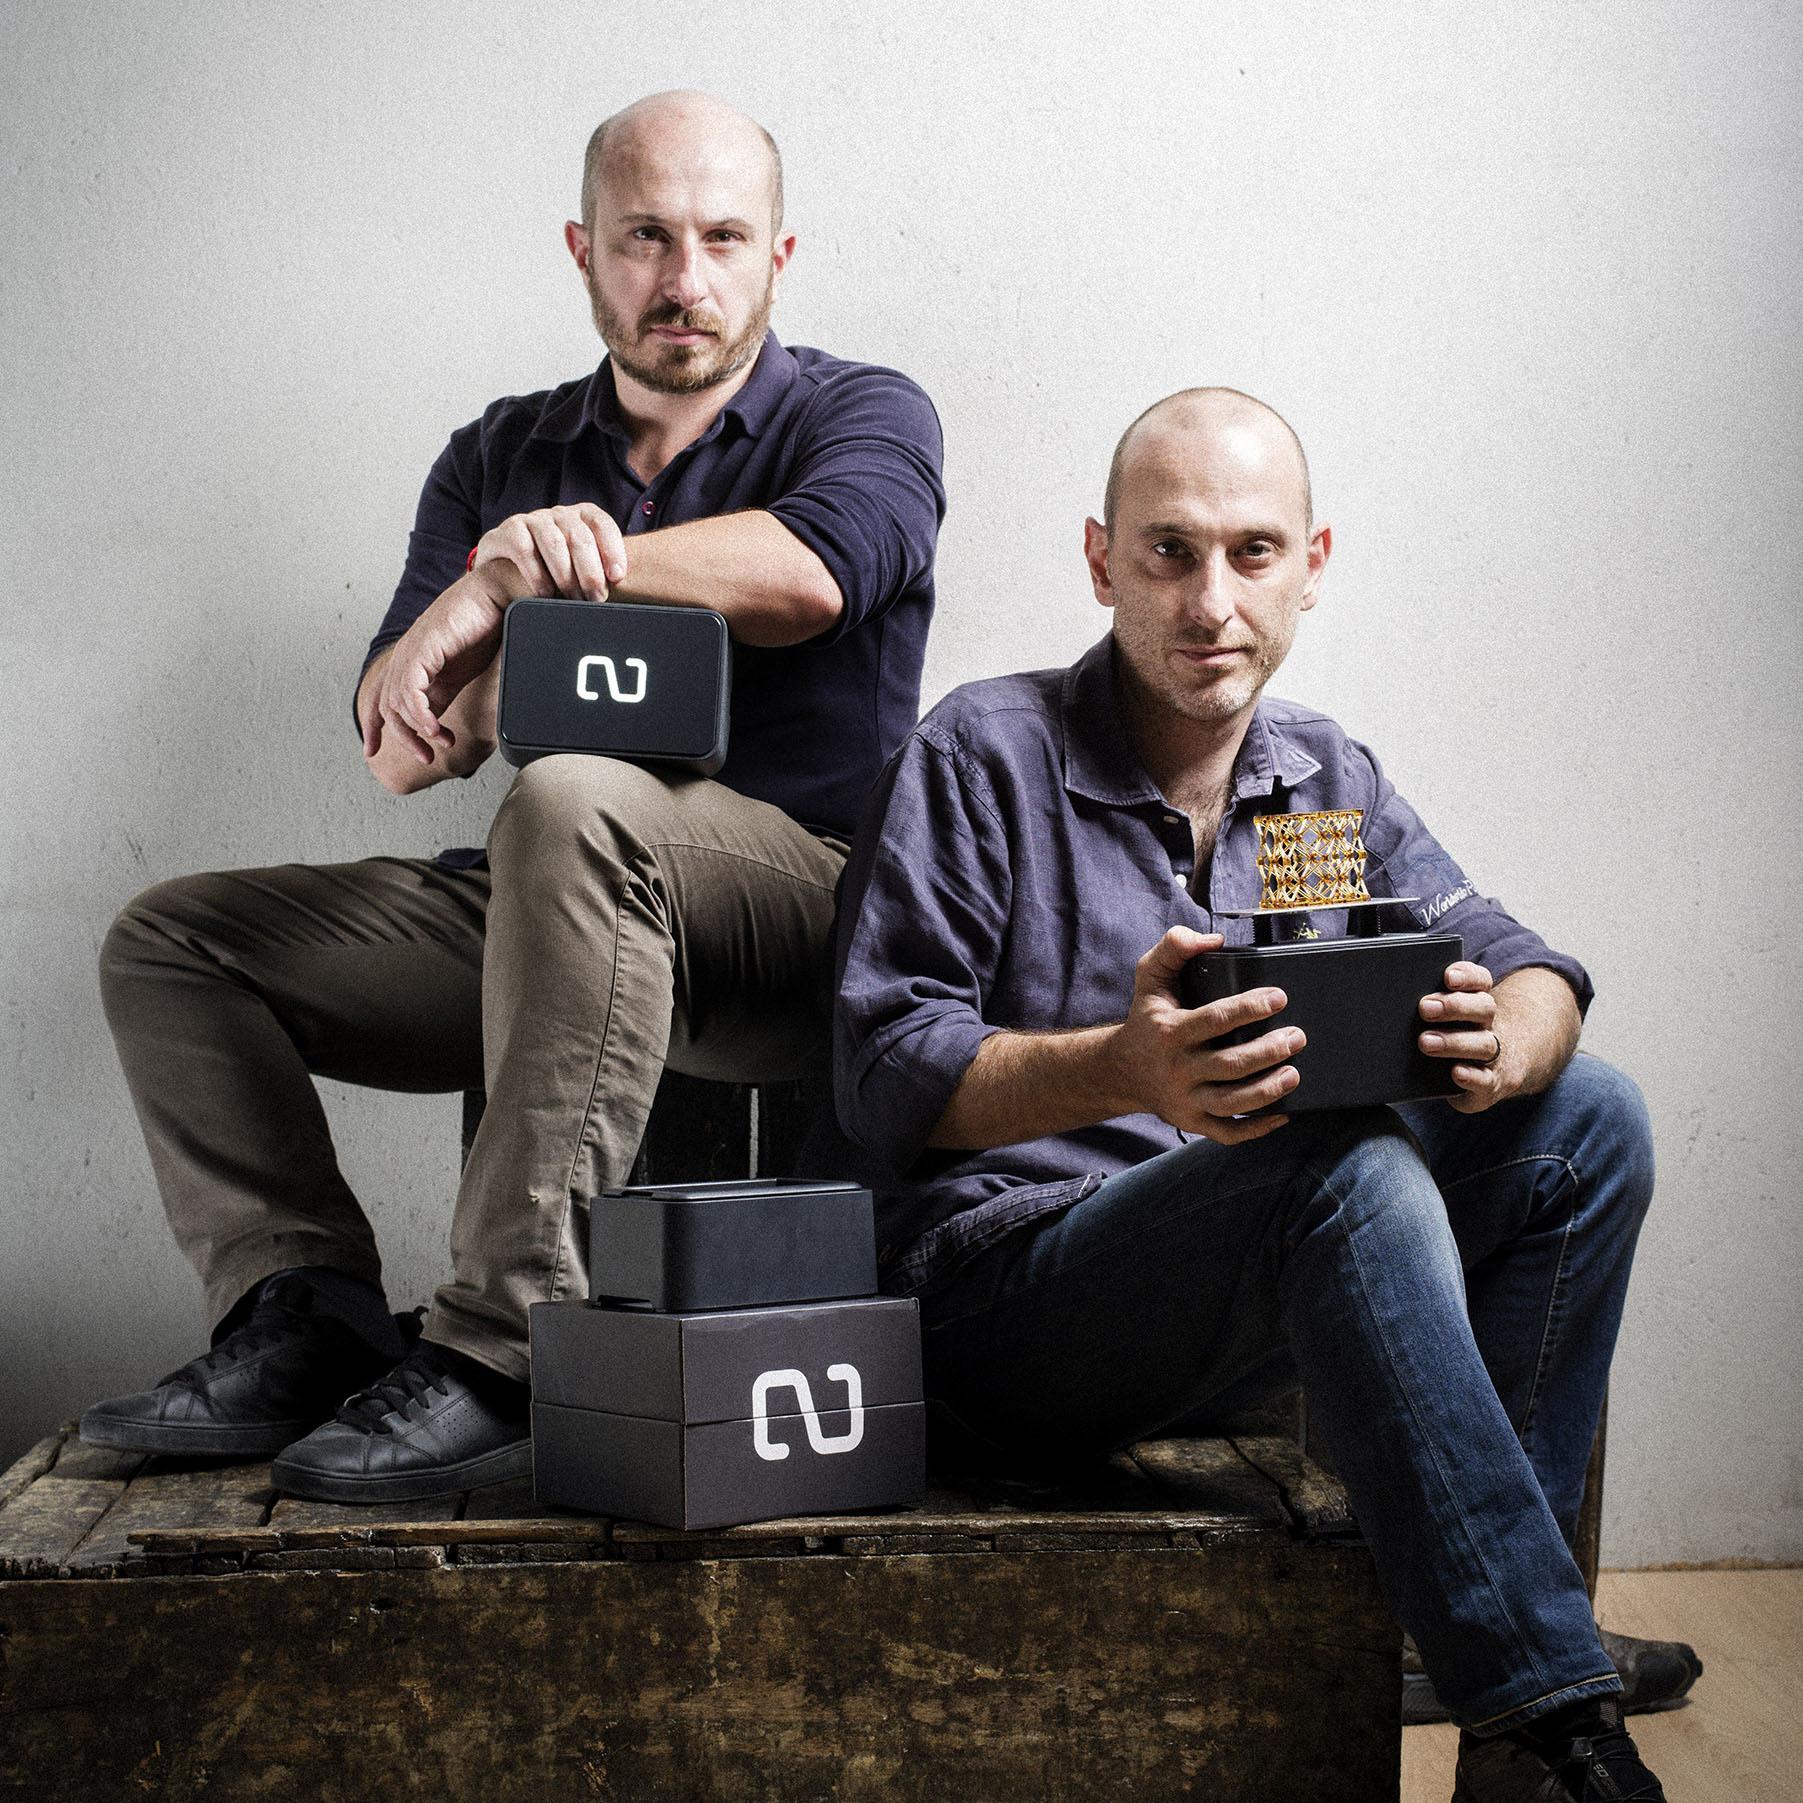 OLO la prima stampante 3D per smartphone al mondo